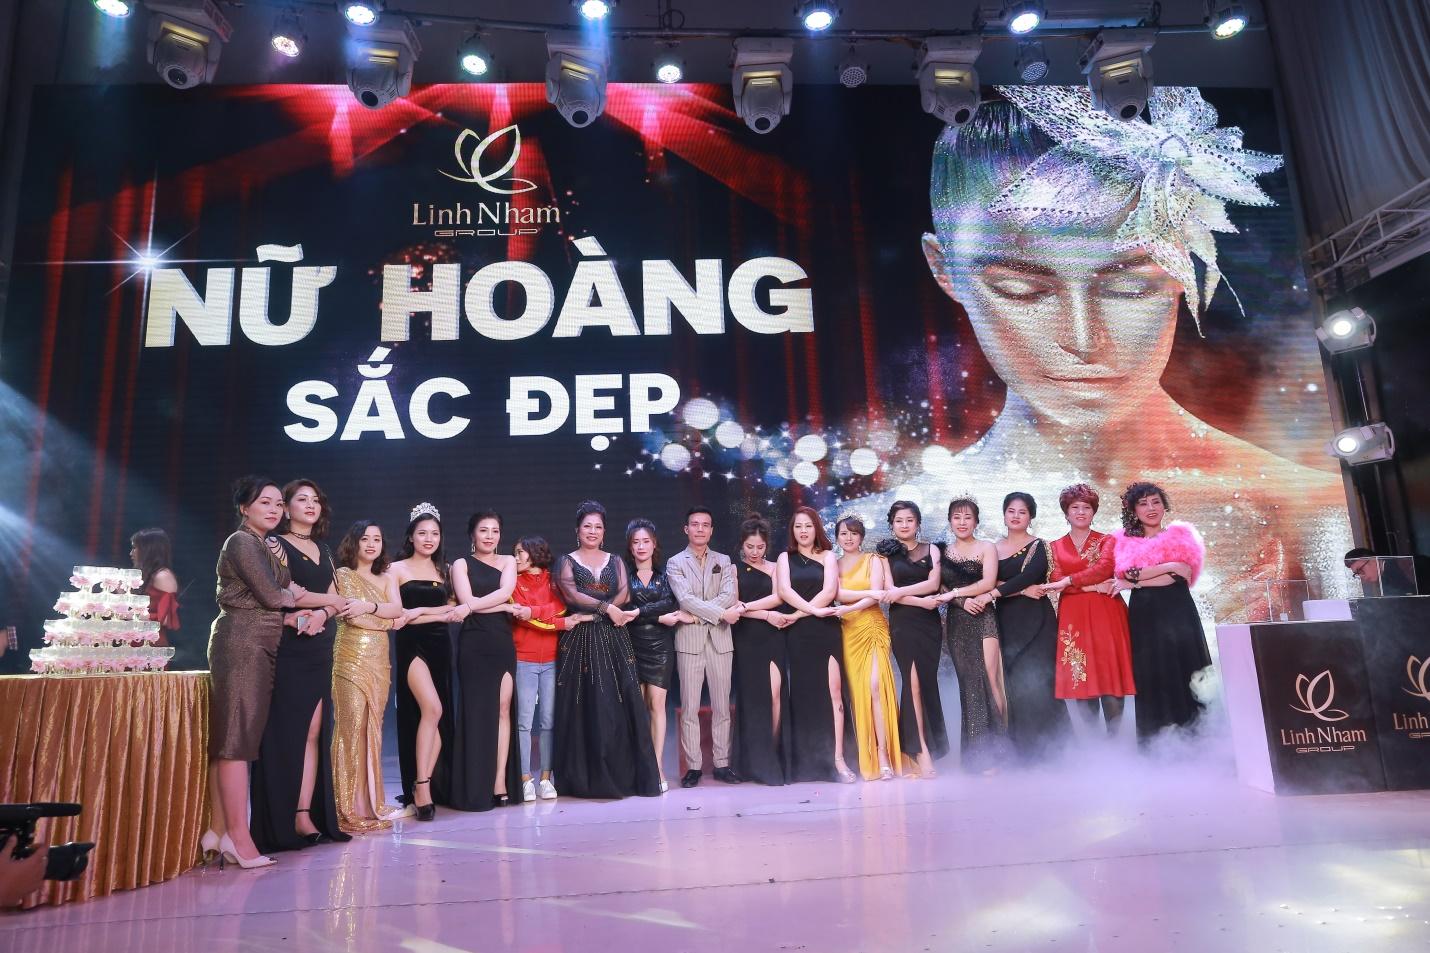 """Linh Nhâm Group – Tưng bừng đại tiệc """"Nữ hoàng sắc đẹp"""""""